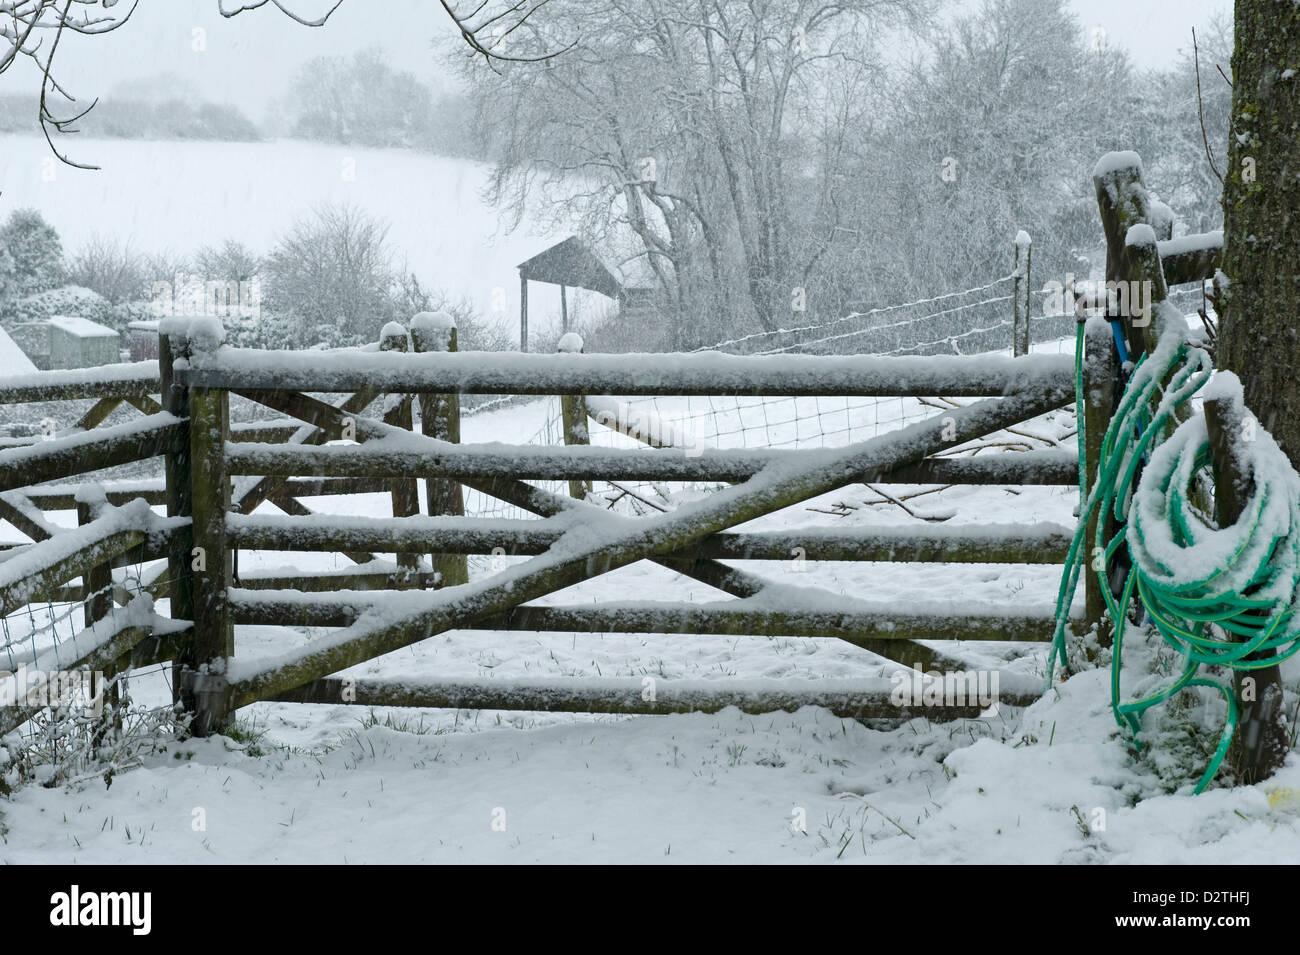 Feld-Tor und einen Schlauch für die Bereitstellung von Wasser für die Tiere in einen ordentlichen Schneesturm, Stockbild